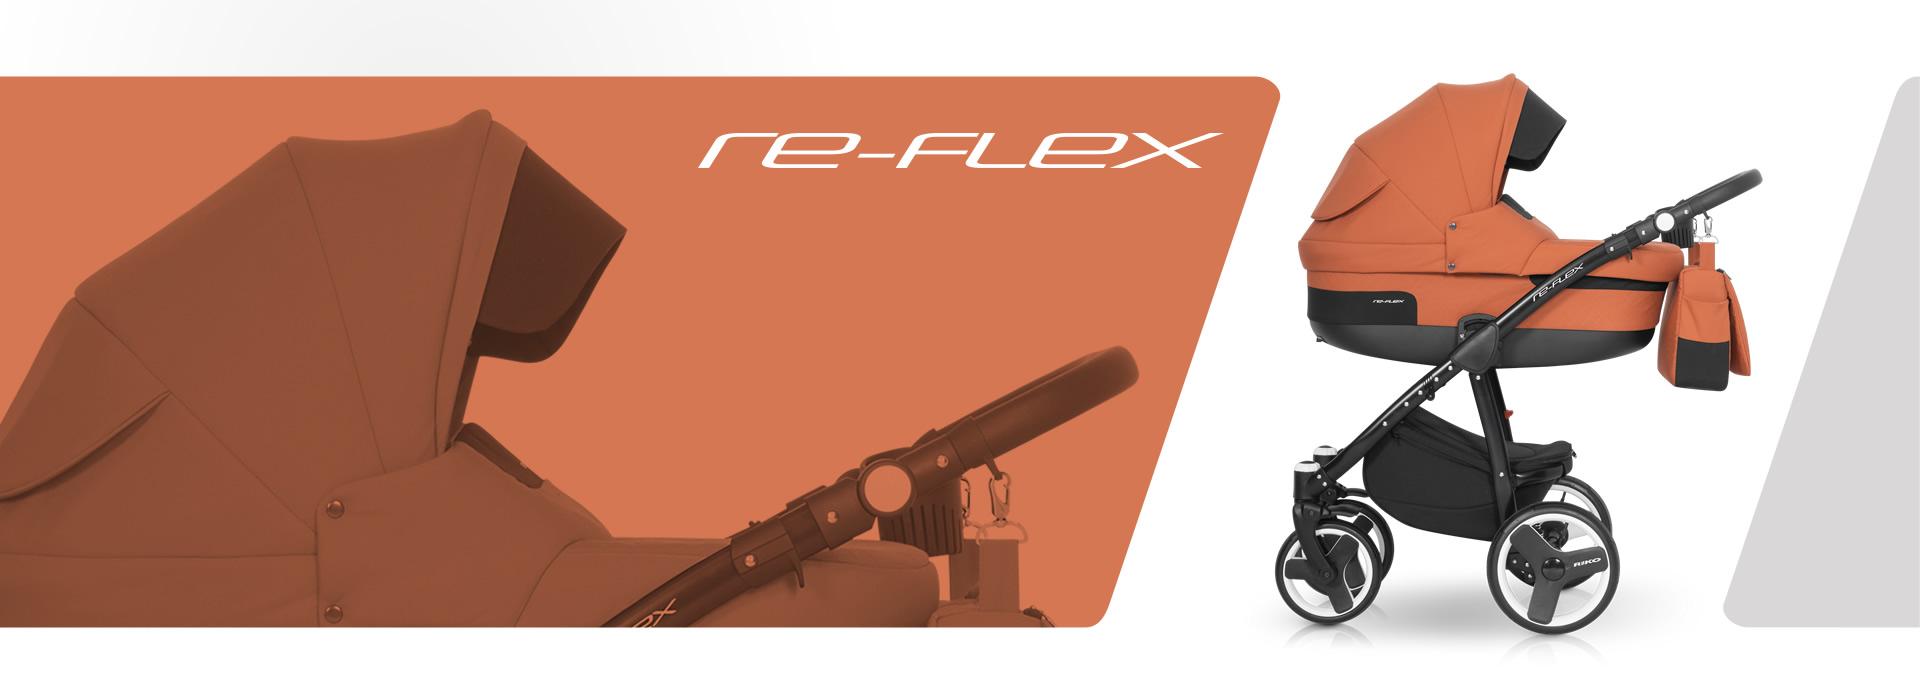 Re-Flex wózek dziecięcy Riko